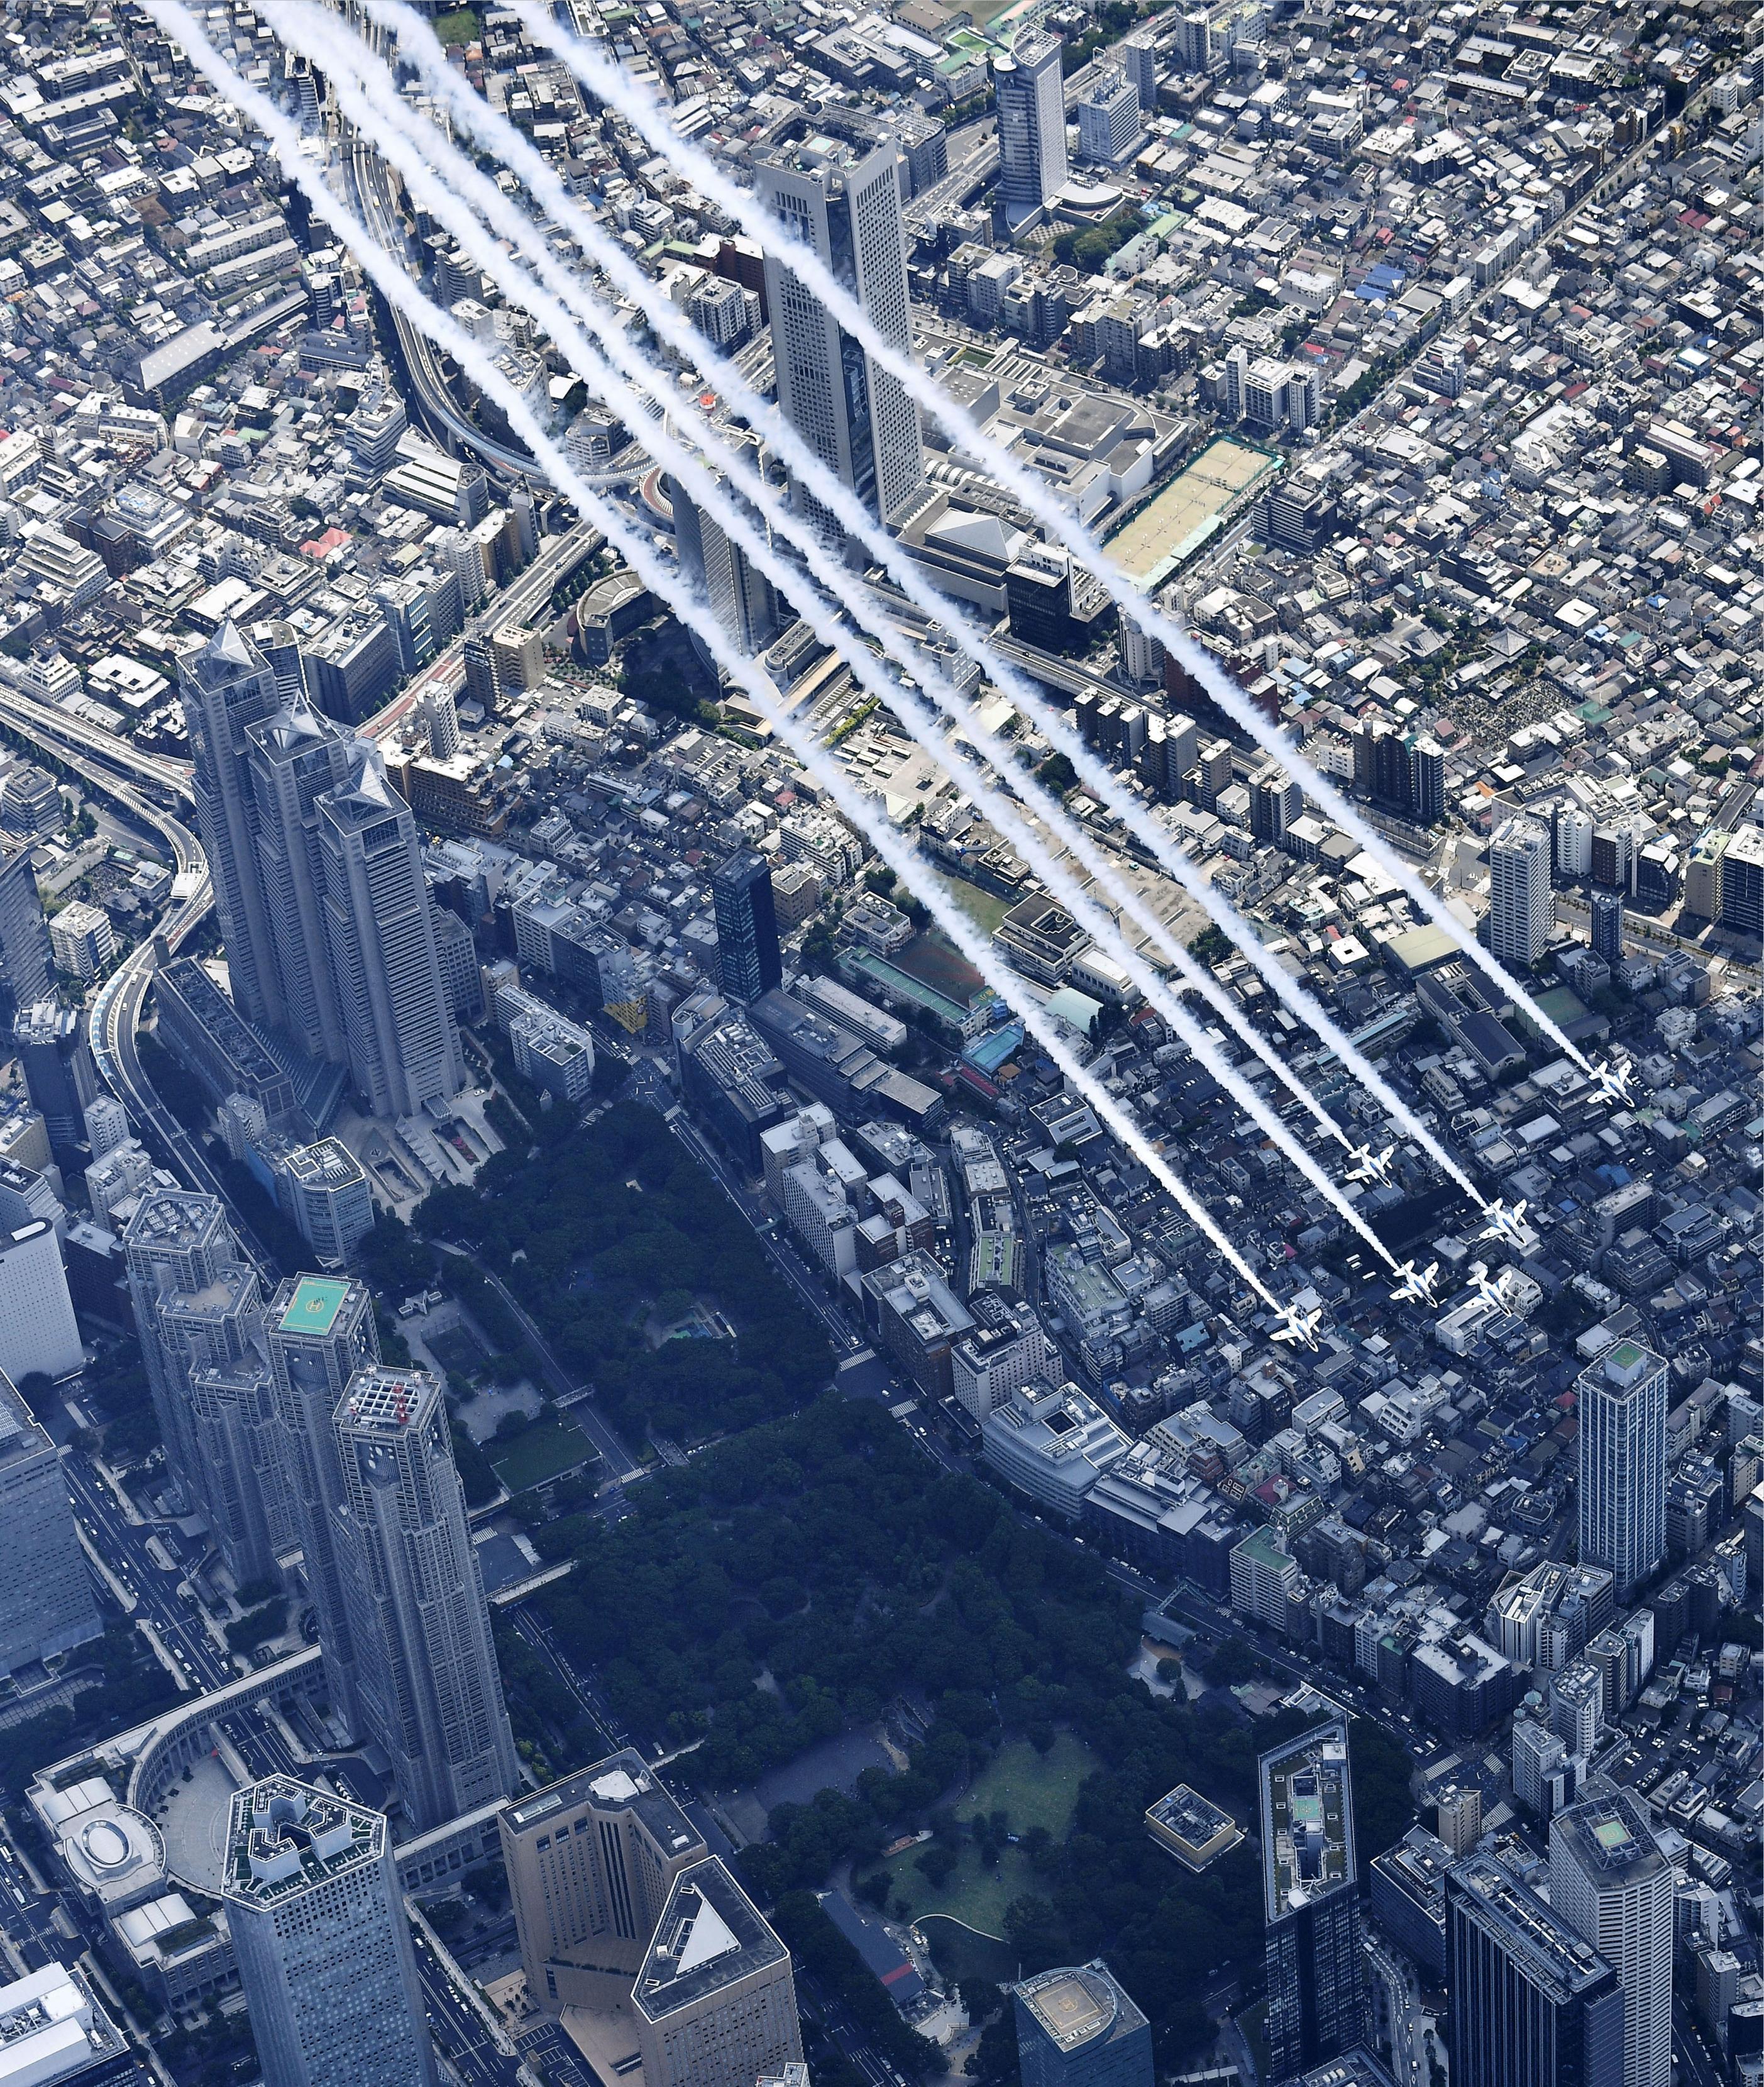 医療従事者に敬意を示すため、東京都庁(左)上空を飛行する航空自衛隊のブルーインパルス=29日午後、東京都新宿区(共同通信社ヘリから)